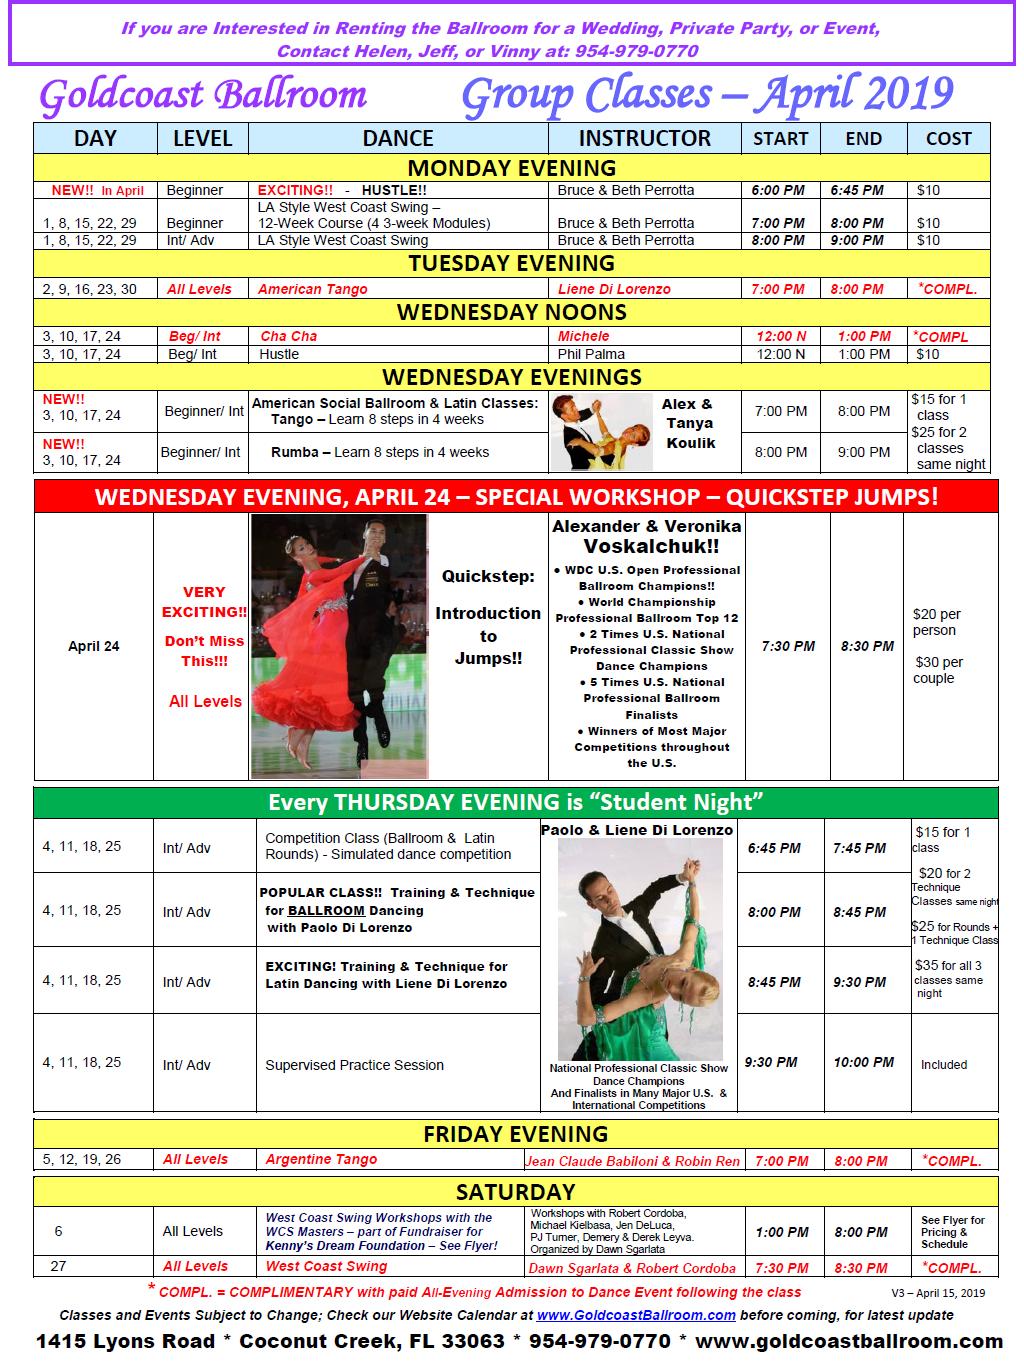 Goldcoast Ballroom April 2019 Calendar - Group Class Schedule